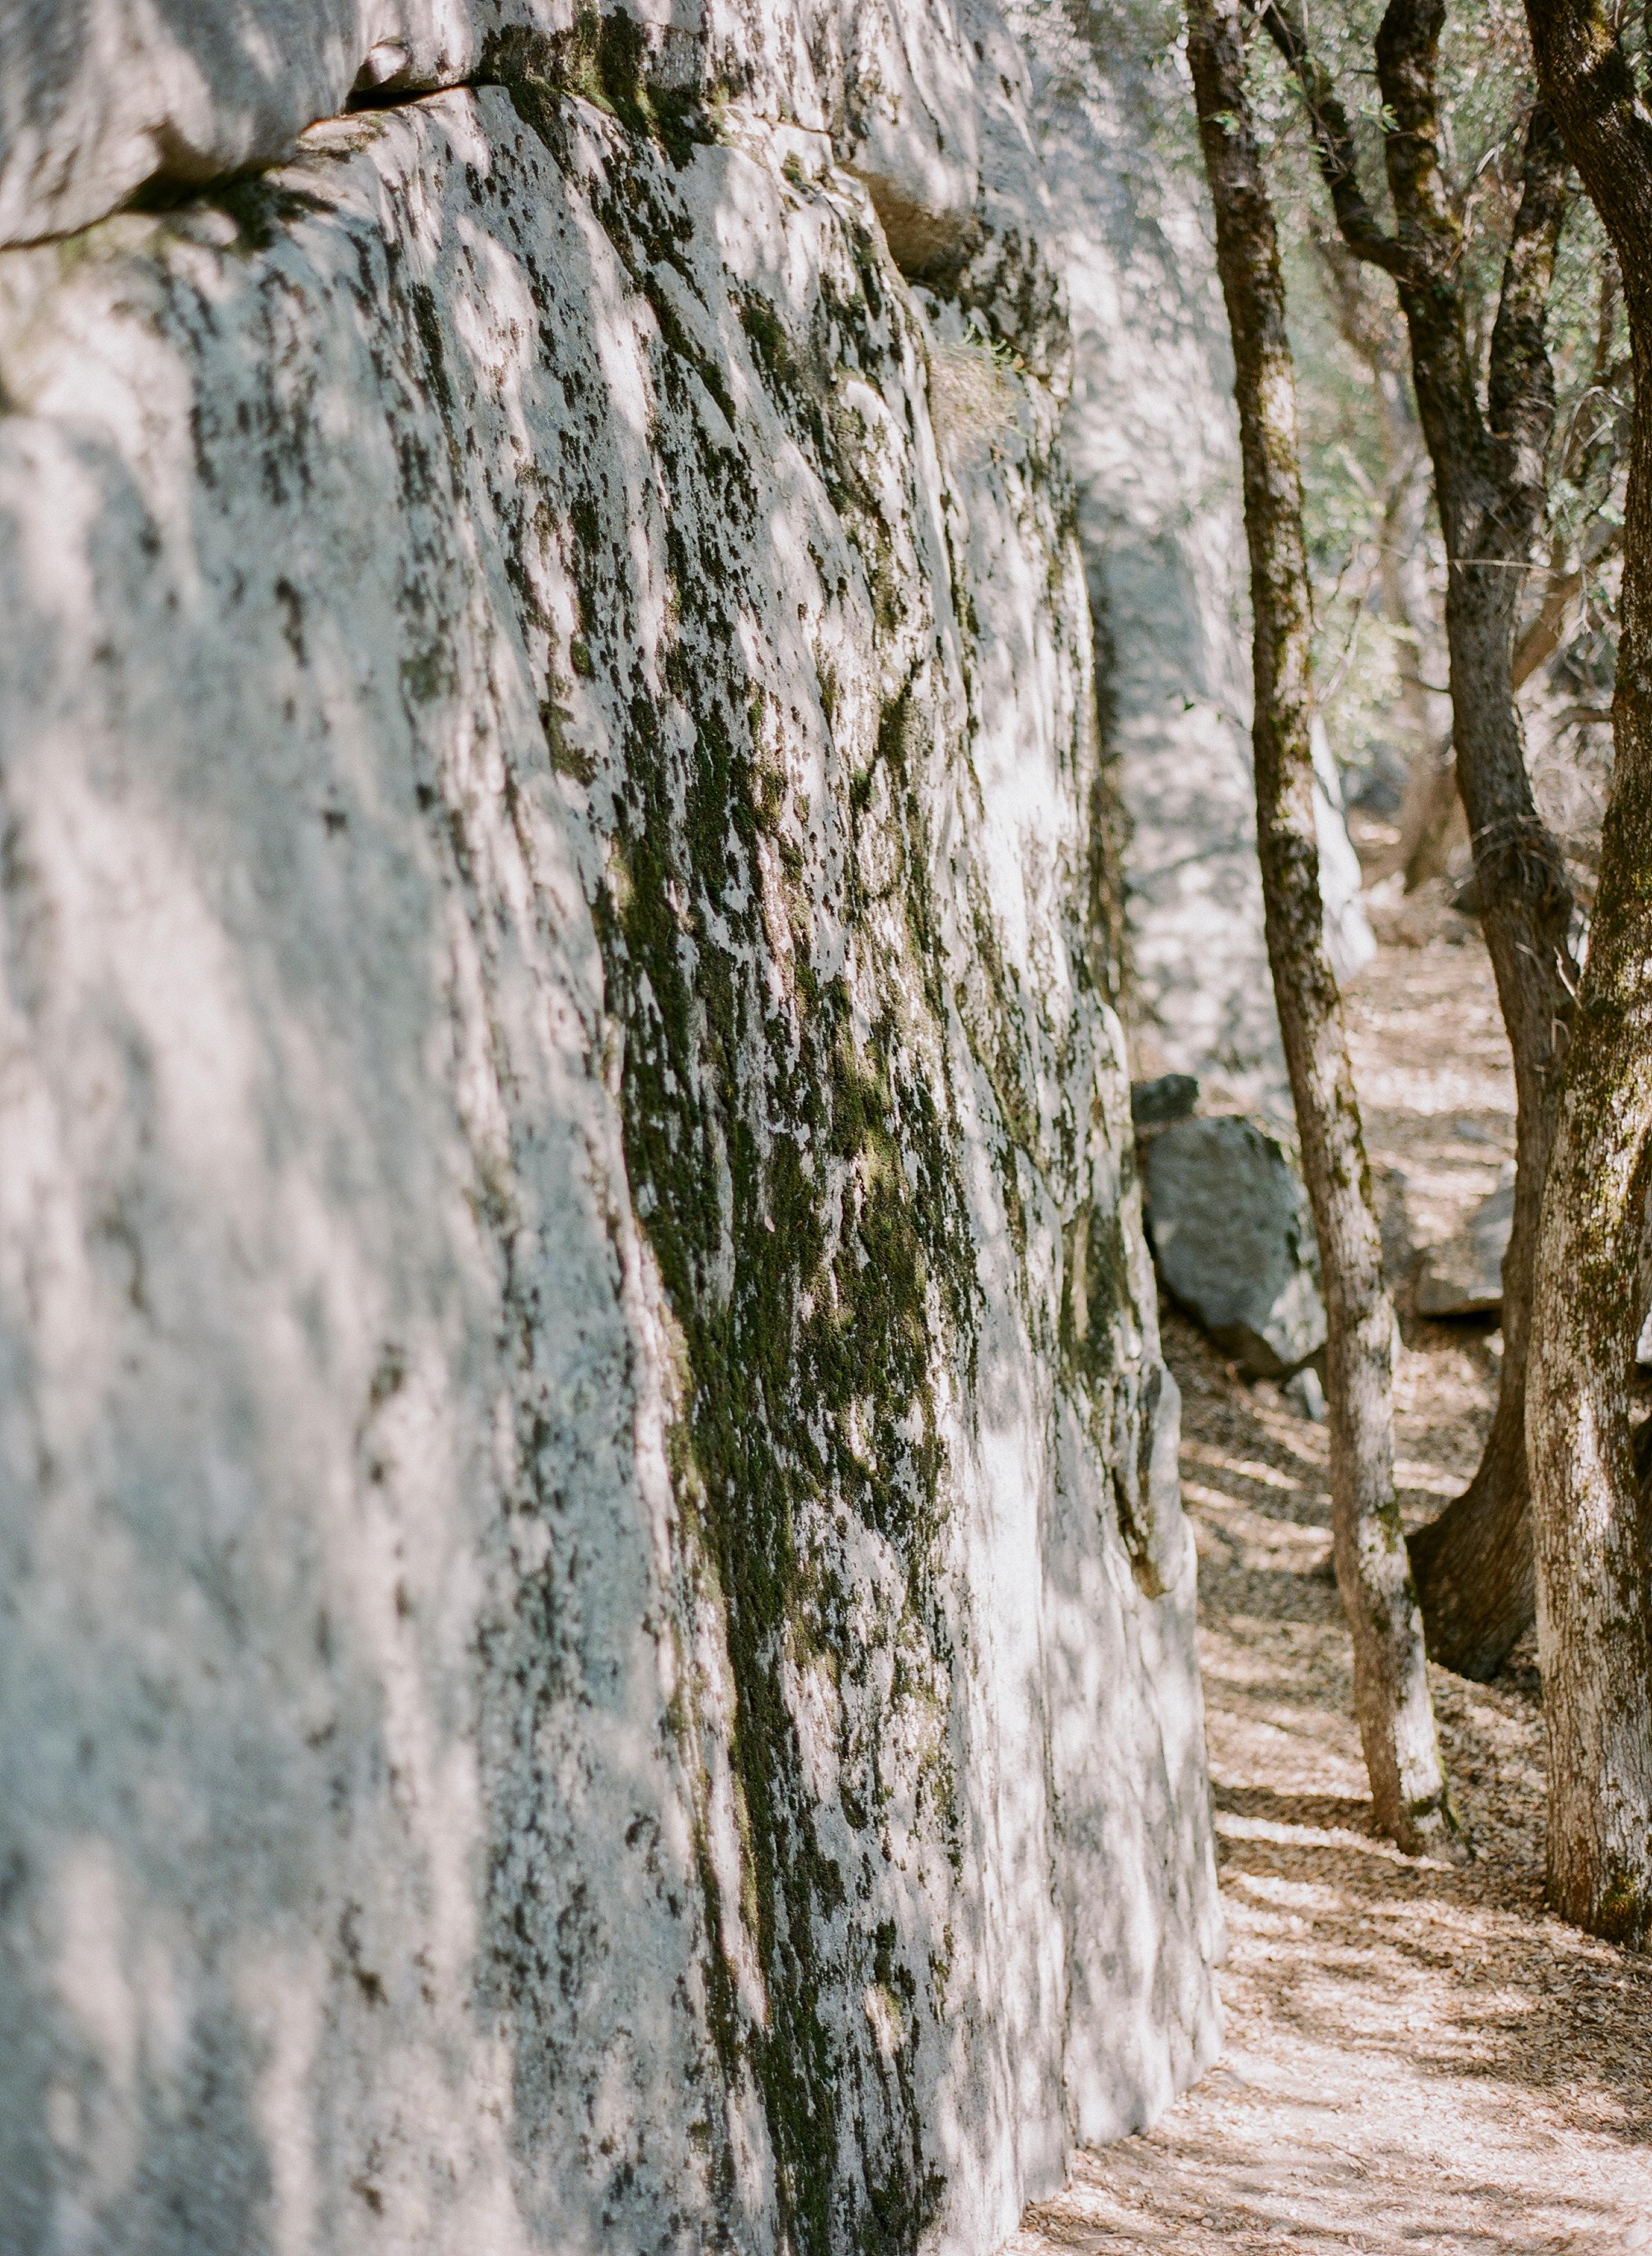 Base of The Nose, El Capitan